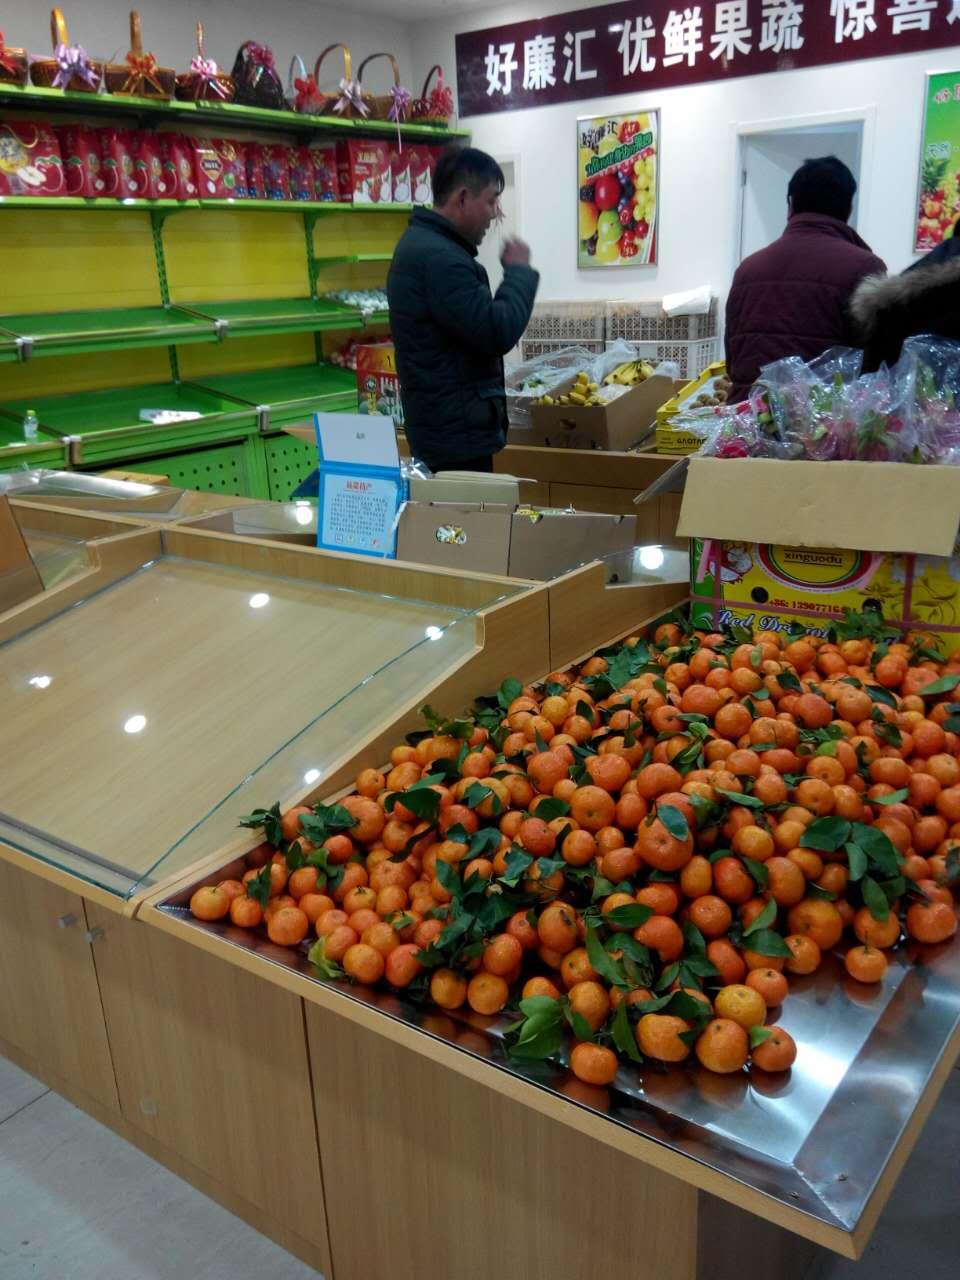 蔬菜水果千赢qy88官网